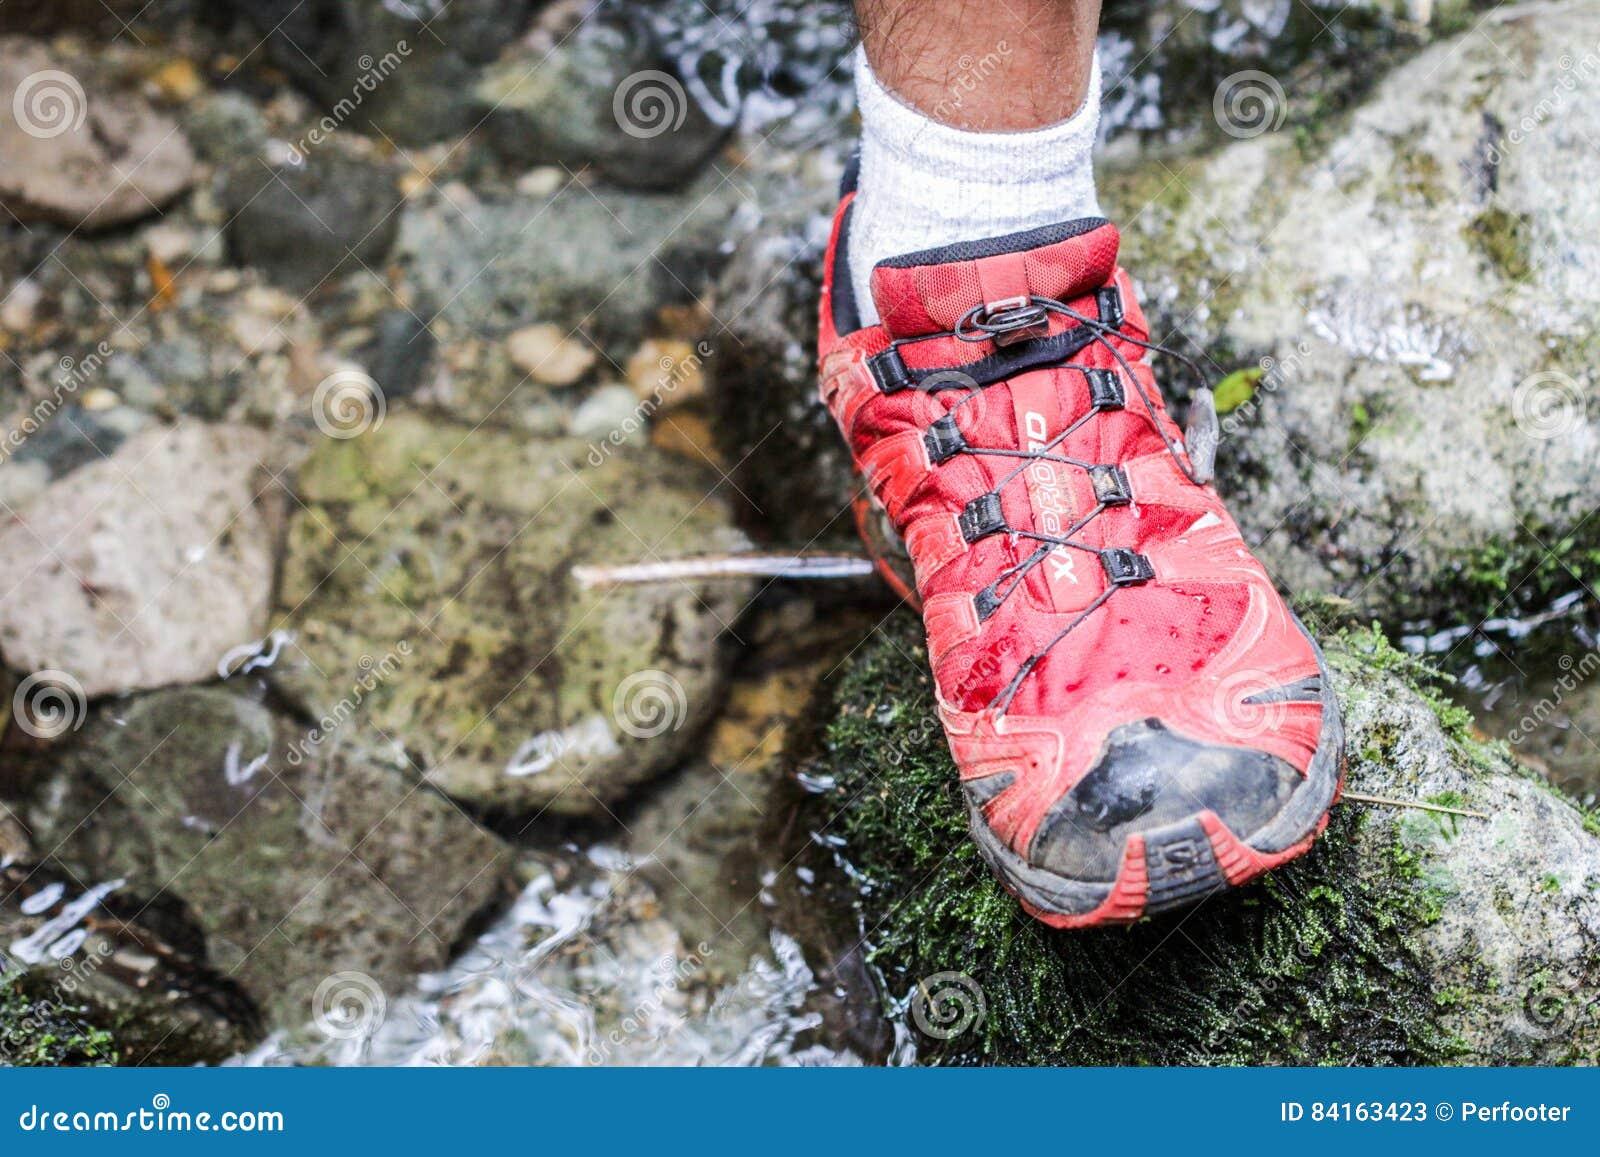 Männlichen Mit Füße Einer Wanderstock Einem Jungen Person 1TFK5l3uJc